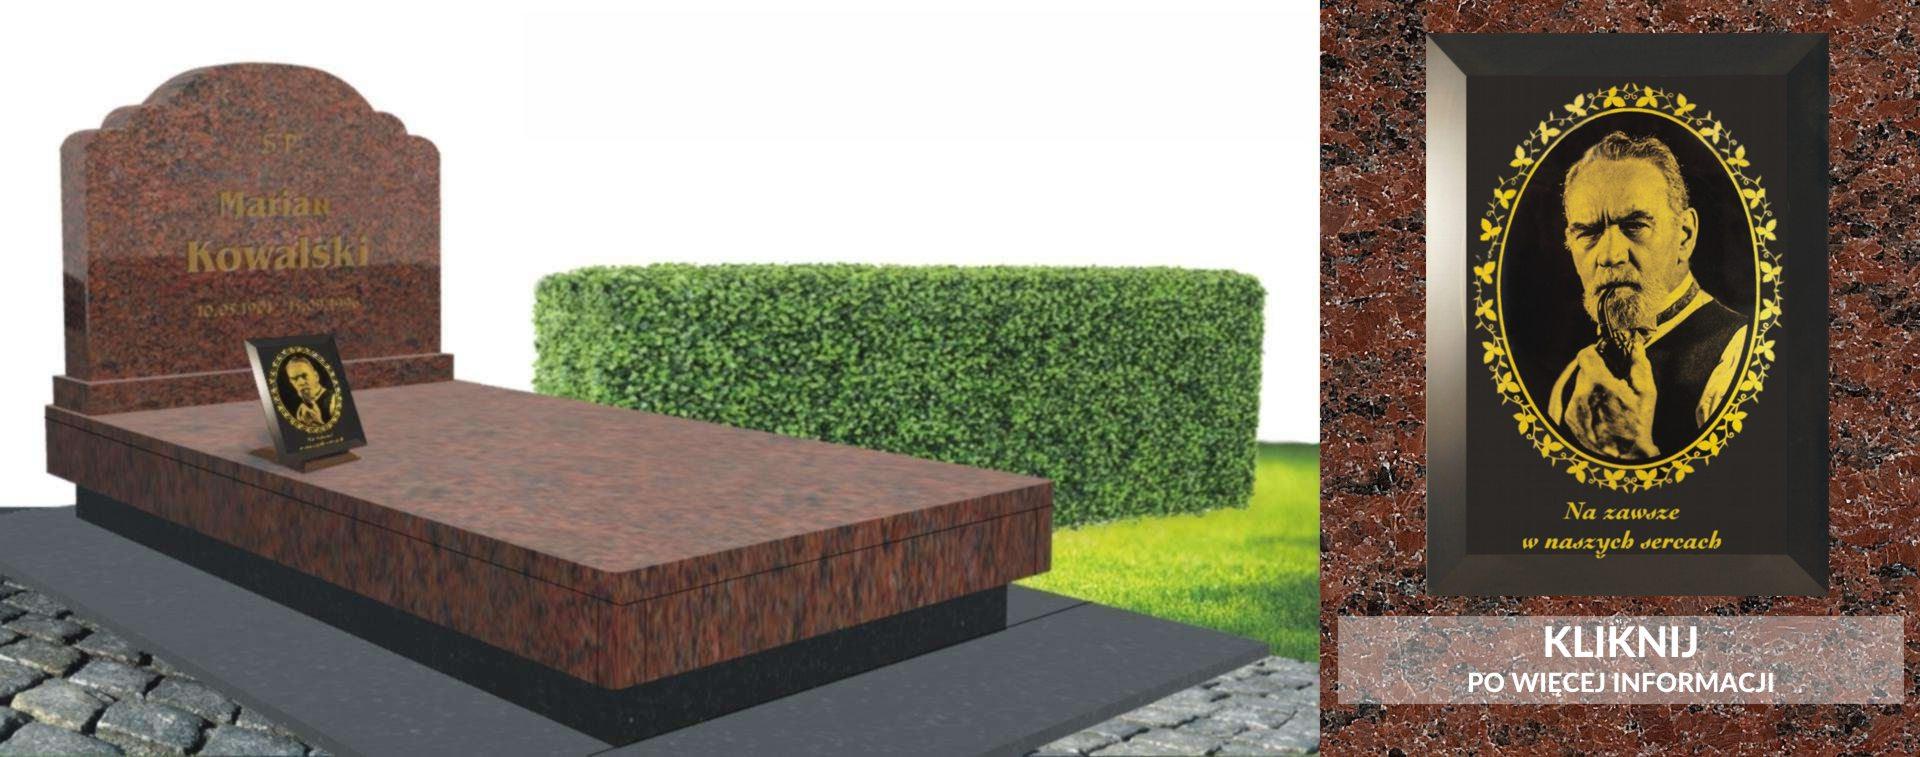 Zdj cia na pomnik w formie fotokryszta u idealne na klasyczny nagrobek